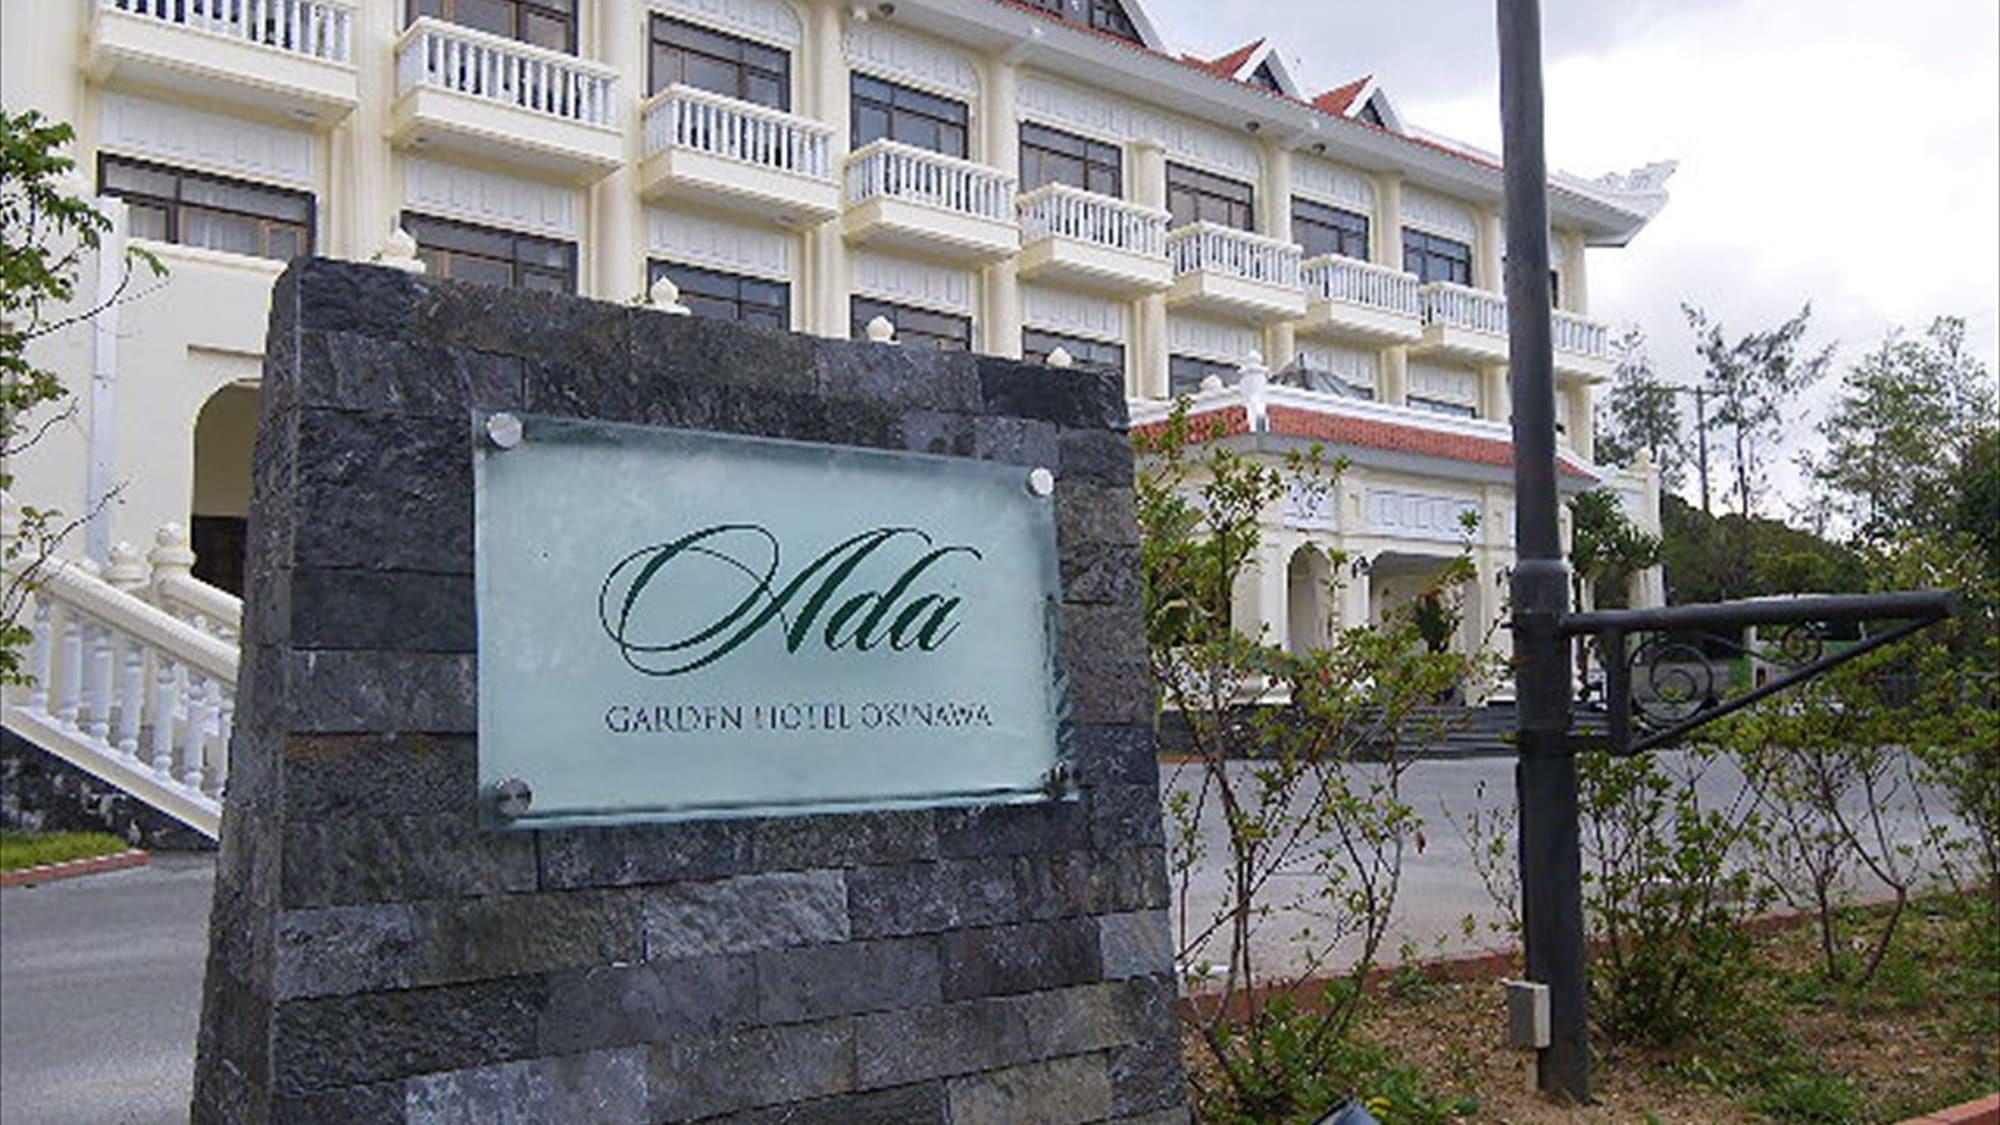 [ホテル外観]ホテルの周りには魅力がいっぱい!ヤンバルクイナを見られるチャンスもあります。